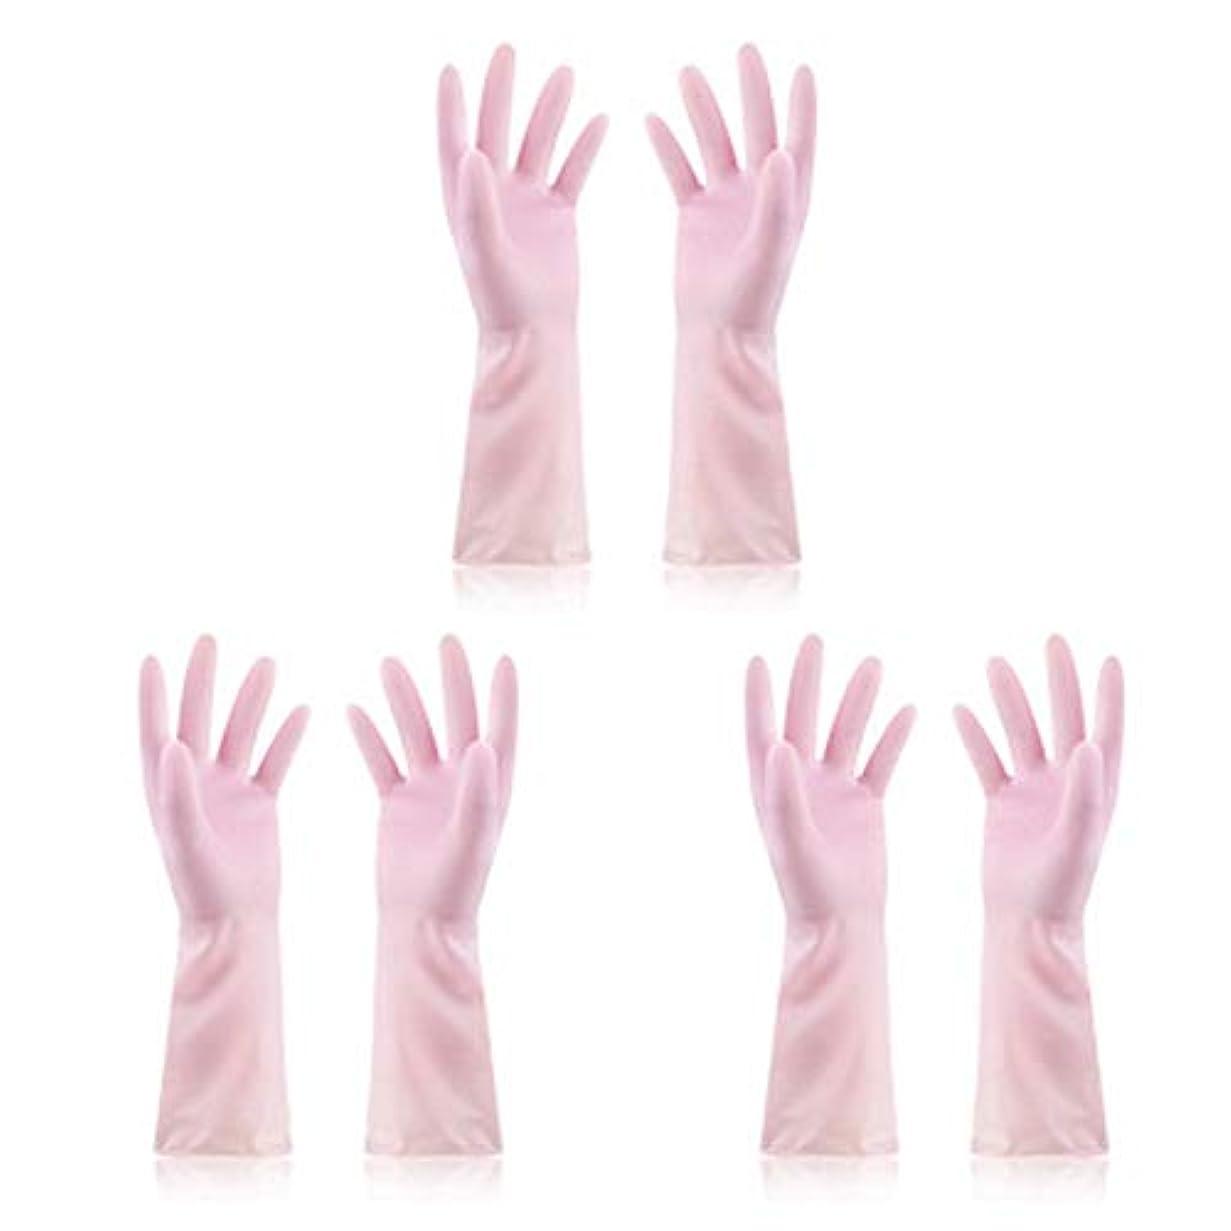 節約する二次ロック解除ニトリルゴム手袋 使い捨て手袋防水ラテックス焦げ付き防止ゴム製ゴム製台所手袋、3組 使い捨て手袋 (Color : Pink, Size : M)